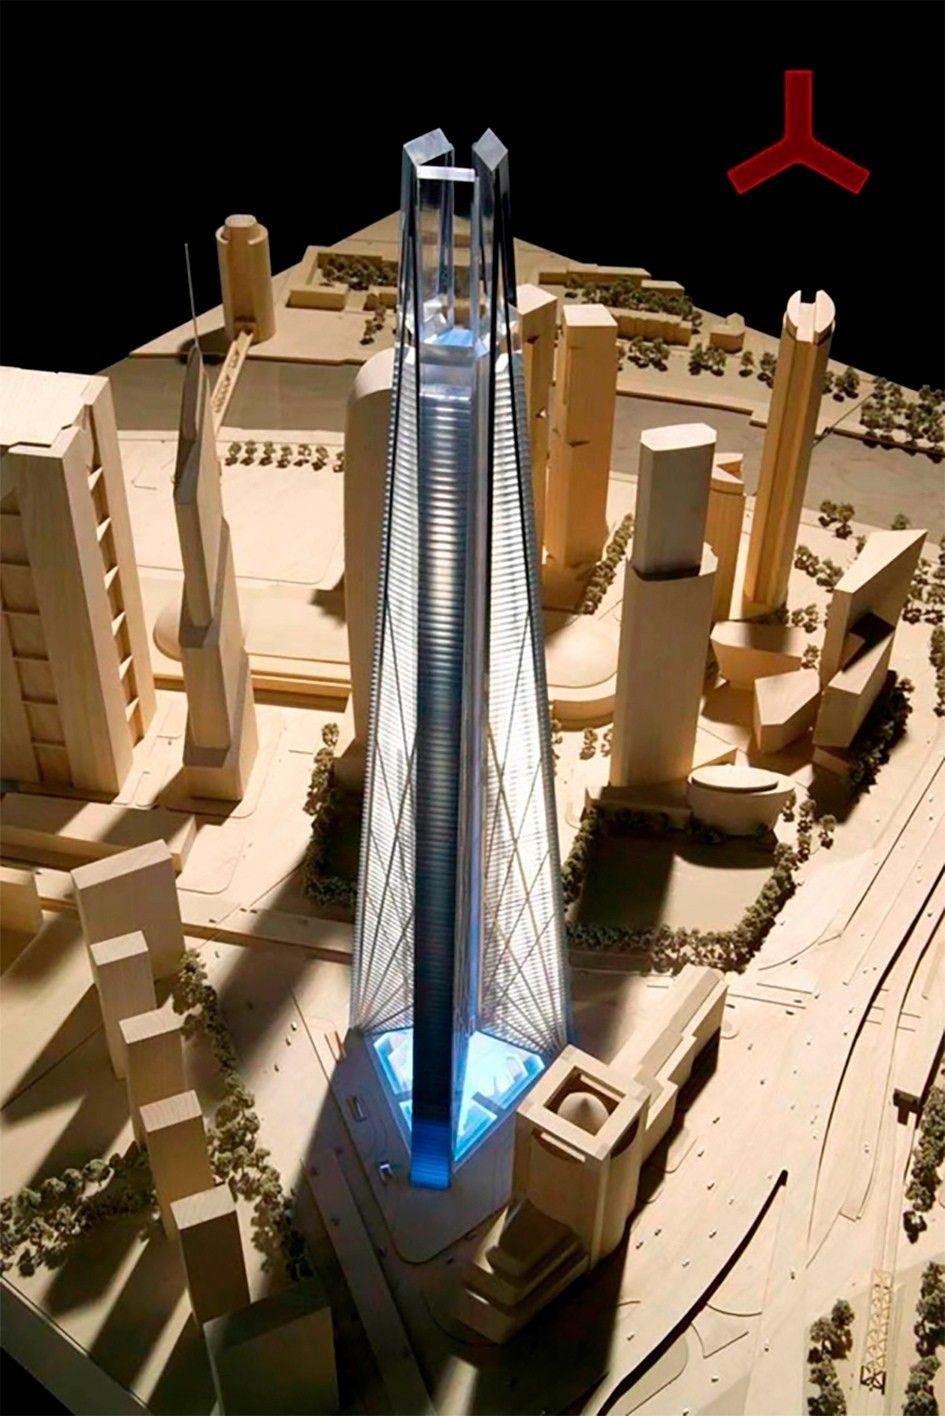 """Нереализованный проект - Башня РоссияЕще в 1994 году в Москве планировалось начать строительство самого высокого небоскреба в мире. Для проектирования этого грандиозного сооружения был приглашен известный британский архитектор Норман Фостер. По одному из предложенных им вариантов, высота башни должна была быть 1000 м. Для сравнения самый высокий небоскреб в мире - Бурдж Халифа в Дубае, построенный в 2010 году - имеет высоту 828 метров.Но тогдашнему мэру Москвы Юрию Лужкову идея с километровой башней пришлась не по вкусу, и высоту здания пришлось уменьшить до 612 м и ограничиться меньшей этажностью. Даже в таком урезанном виде проект на 71 метр превосходил Останкинскую телебашню и становился в то время вторым по высоте в мире и первым в Европе.Предполагалось разместить в башне 101 лифт и подземную парковку на 3680 автомобилей. После многолетней волокиты и многократных согласований, в 2006 году в Москве, в Пушкинском музее состоялась выставка архитектурных макетов башни «Россия» Нормана Фостера. А в 2007 году на месте 17-18 участков в деловом центре «Москва-Сити» наконец-то началось возведение это грандиозного сооружения.Однако дело не заладилось с самого начала, уже через год был исключён прежний инвестор, и строительство объекта было приостановлено. Из работ была сделана лишь часть """"стены в грунте"""".В связи с экономическим кризисом и реальной невозможностью финансирования проекта на закрытом заседании у мэра Москвы была высказана идея уменьшить высоту башни с запланированных ранее 612 до 200 метров, а в 2009 году власти Москвы отказались от возведения башни «Россия». На этом месте планировалось построить автомобильную стоянку.#нобоскребы #россия"""